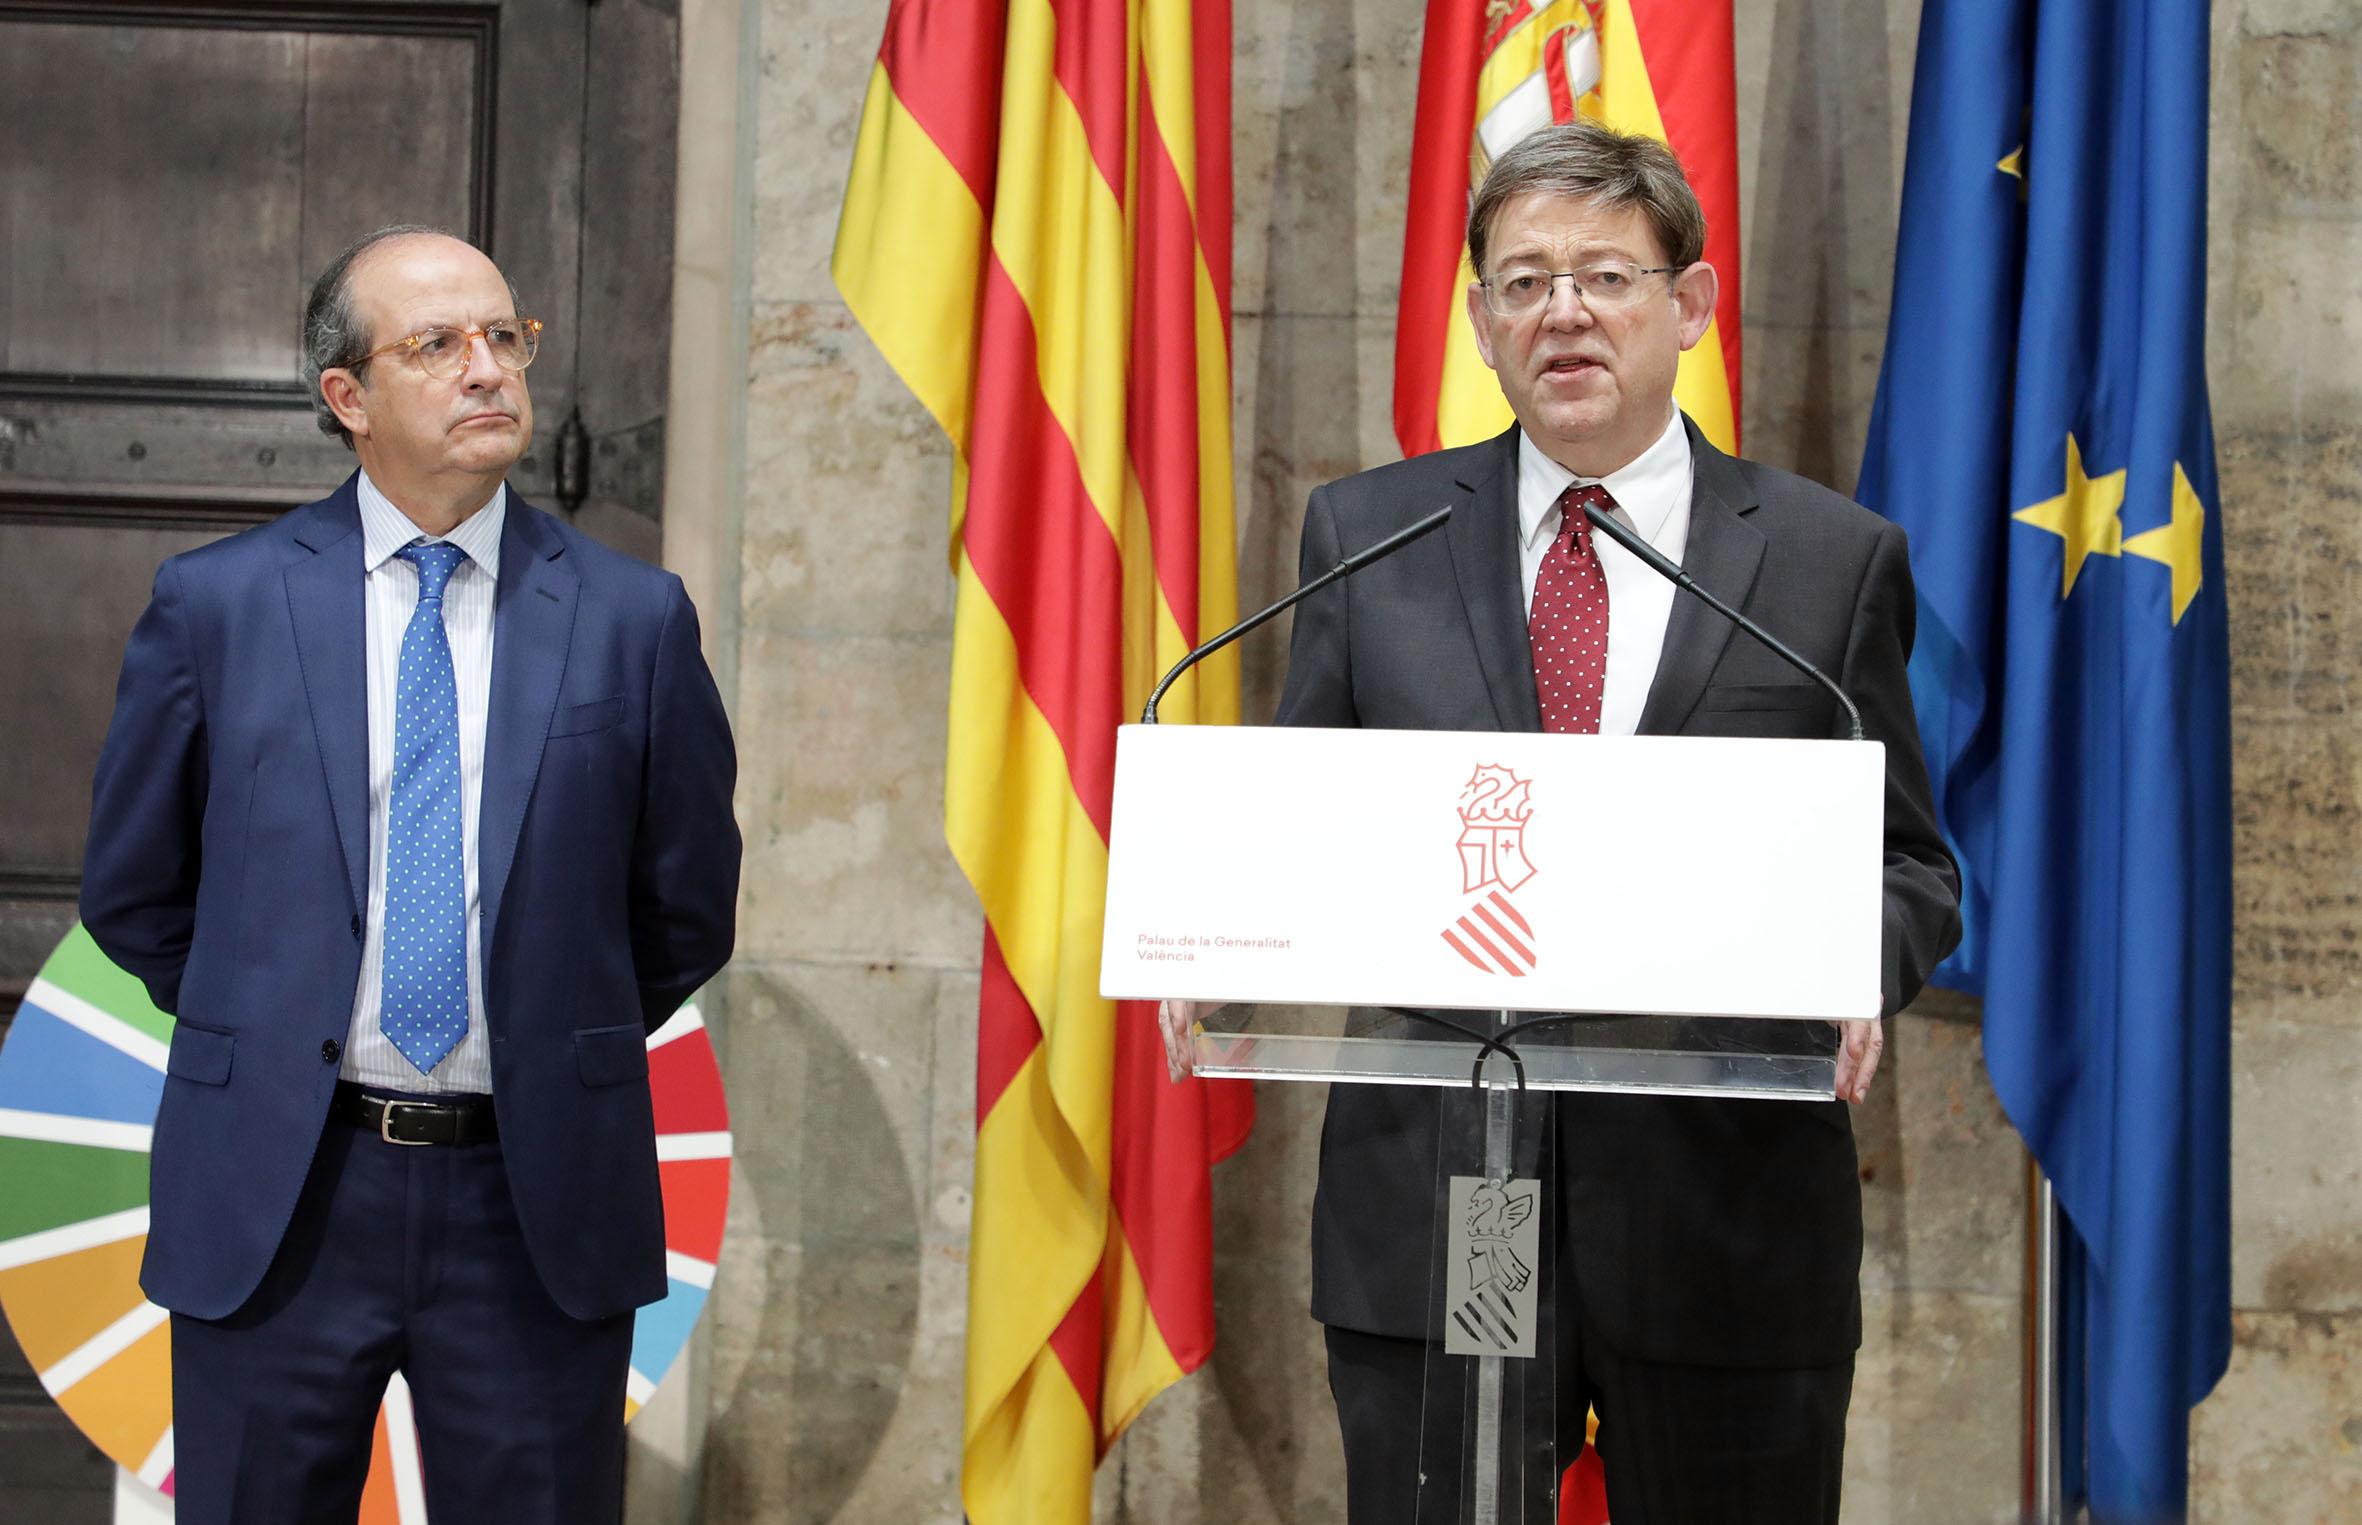 Ximo Puig anuncia que el Pativel y el Patricova serán revisados con el fin de adaptarlos a la situación de emergencia climática